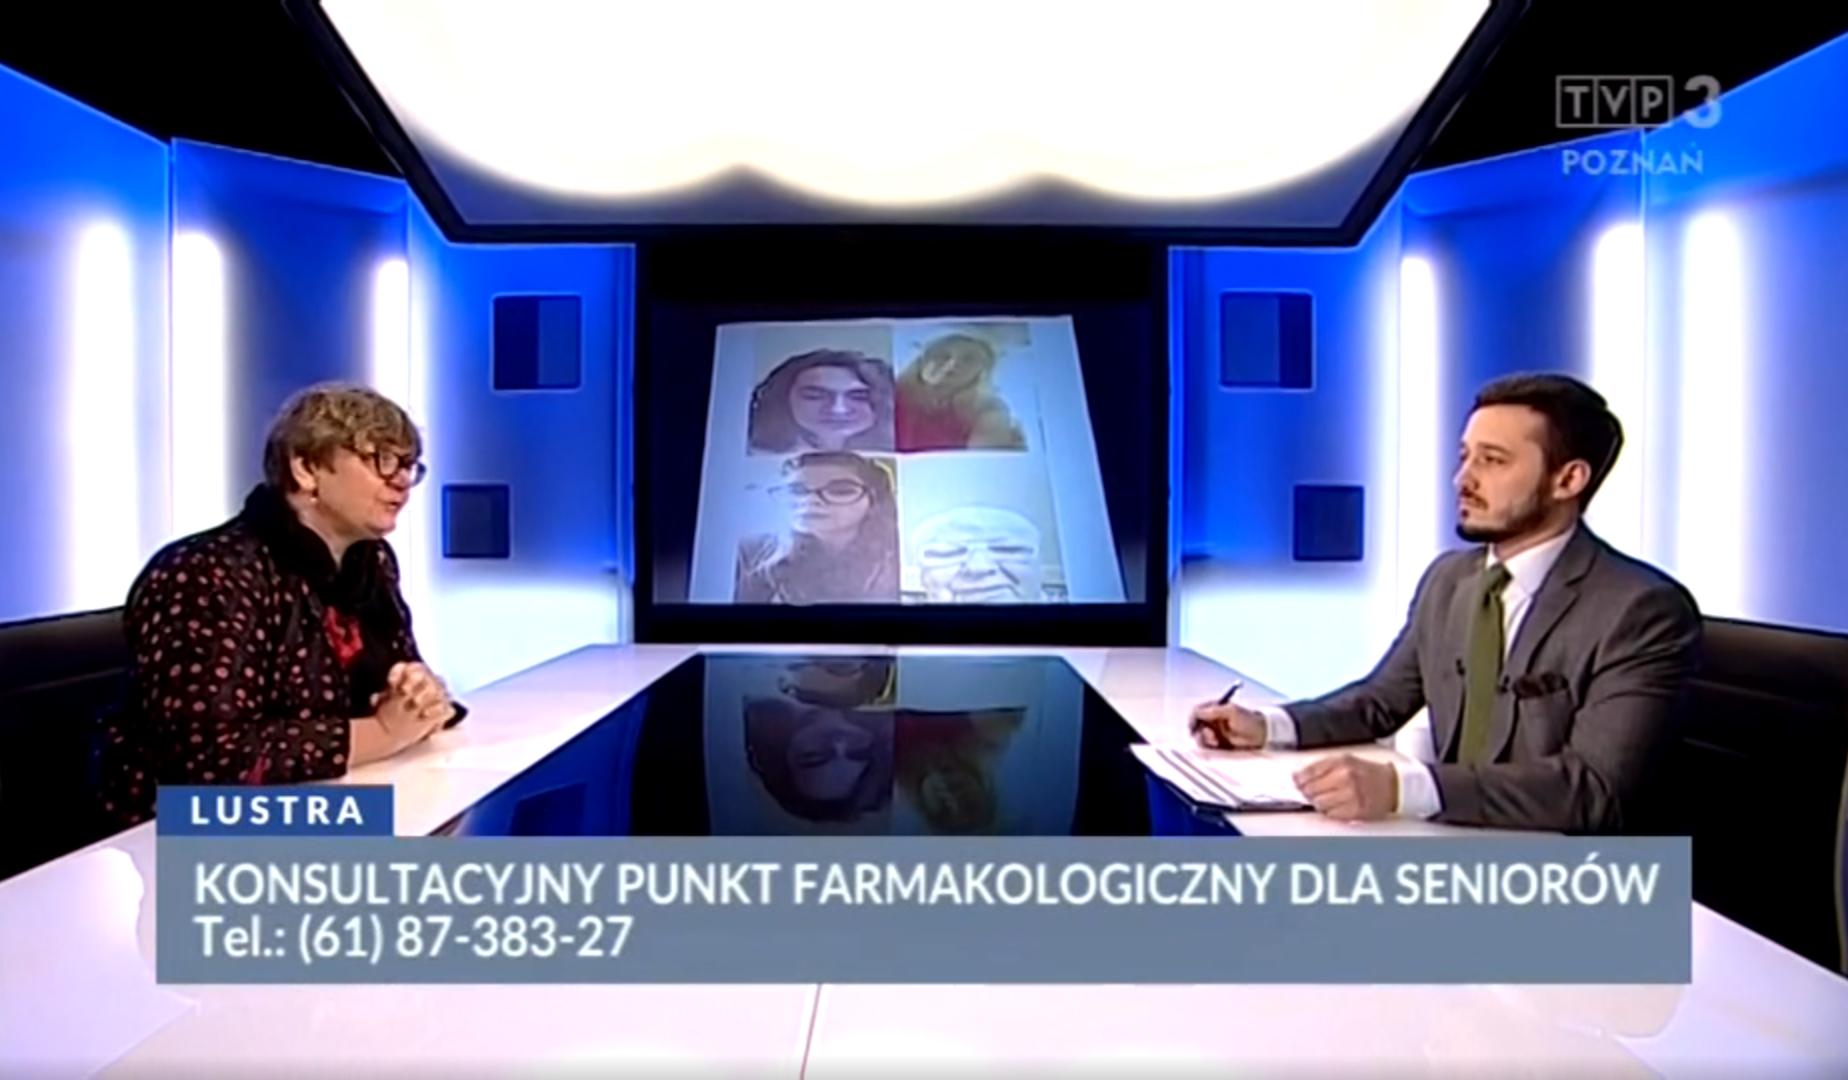 Internetowo-Telefoniczny Punkt Konsultacyjny to kolejna inicjatywa prof. Katarzyny Wieczorowskiej-Tobis oraz dr Agnieszki Neumann-Podczaski (fot. TVP3 Poznań)